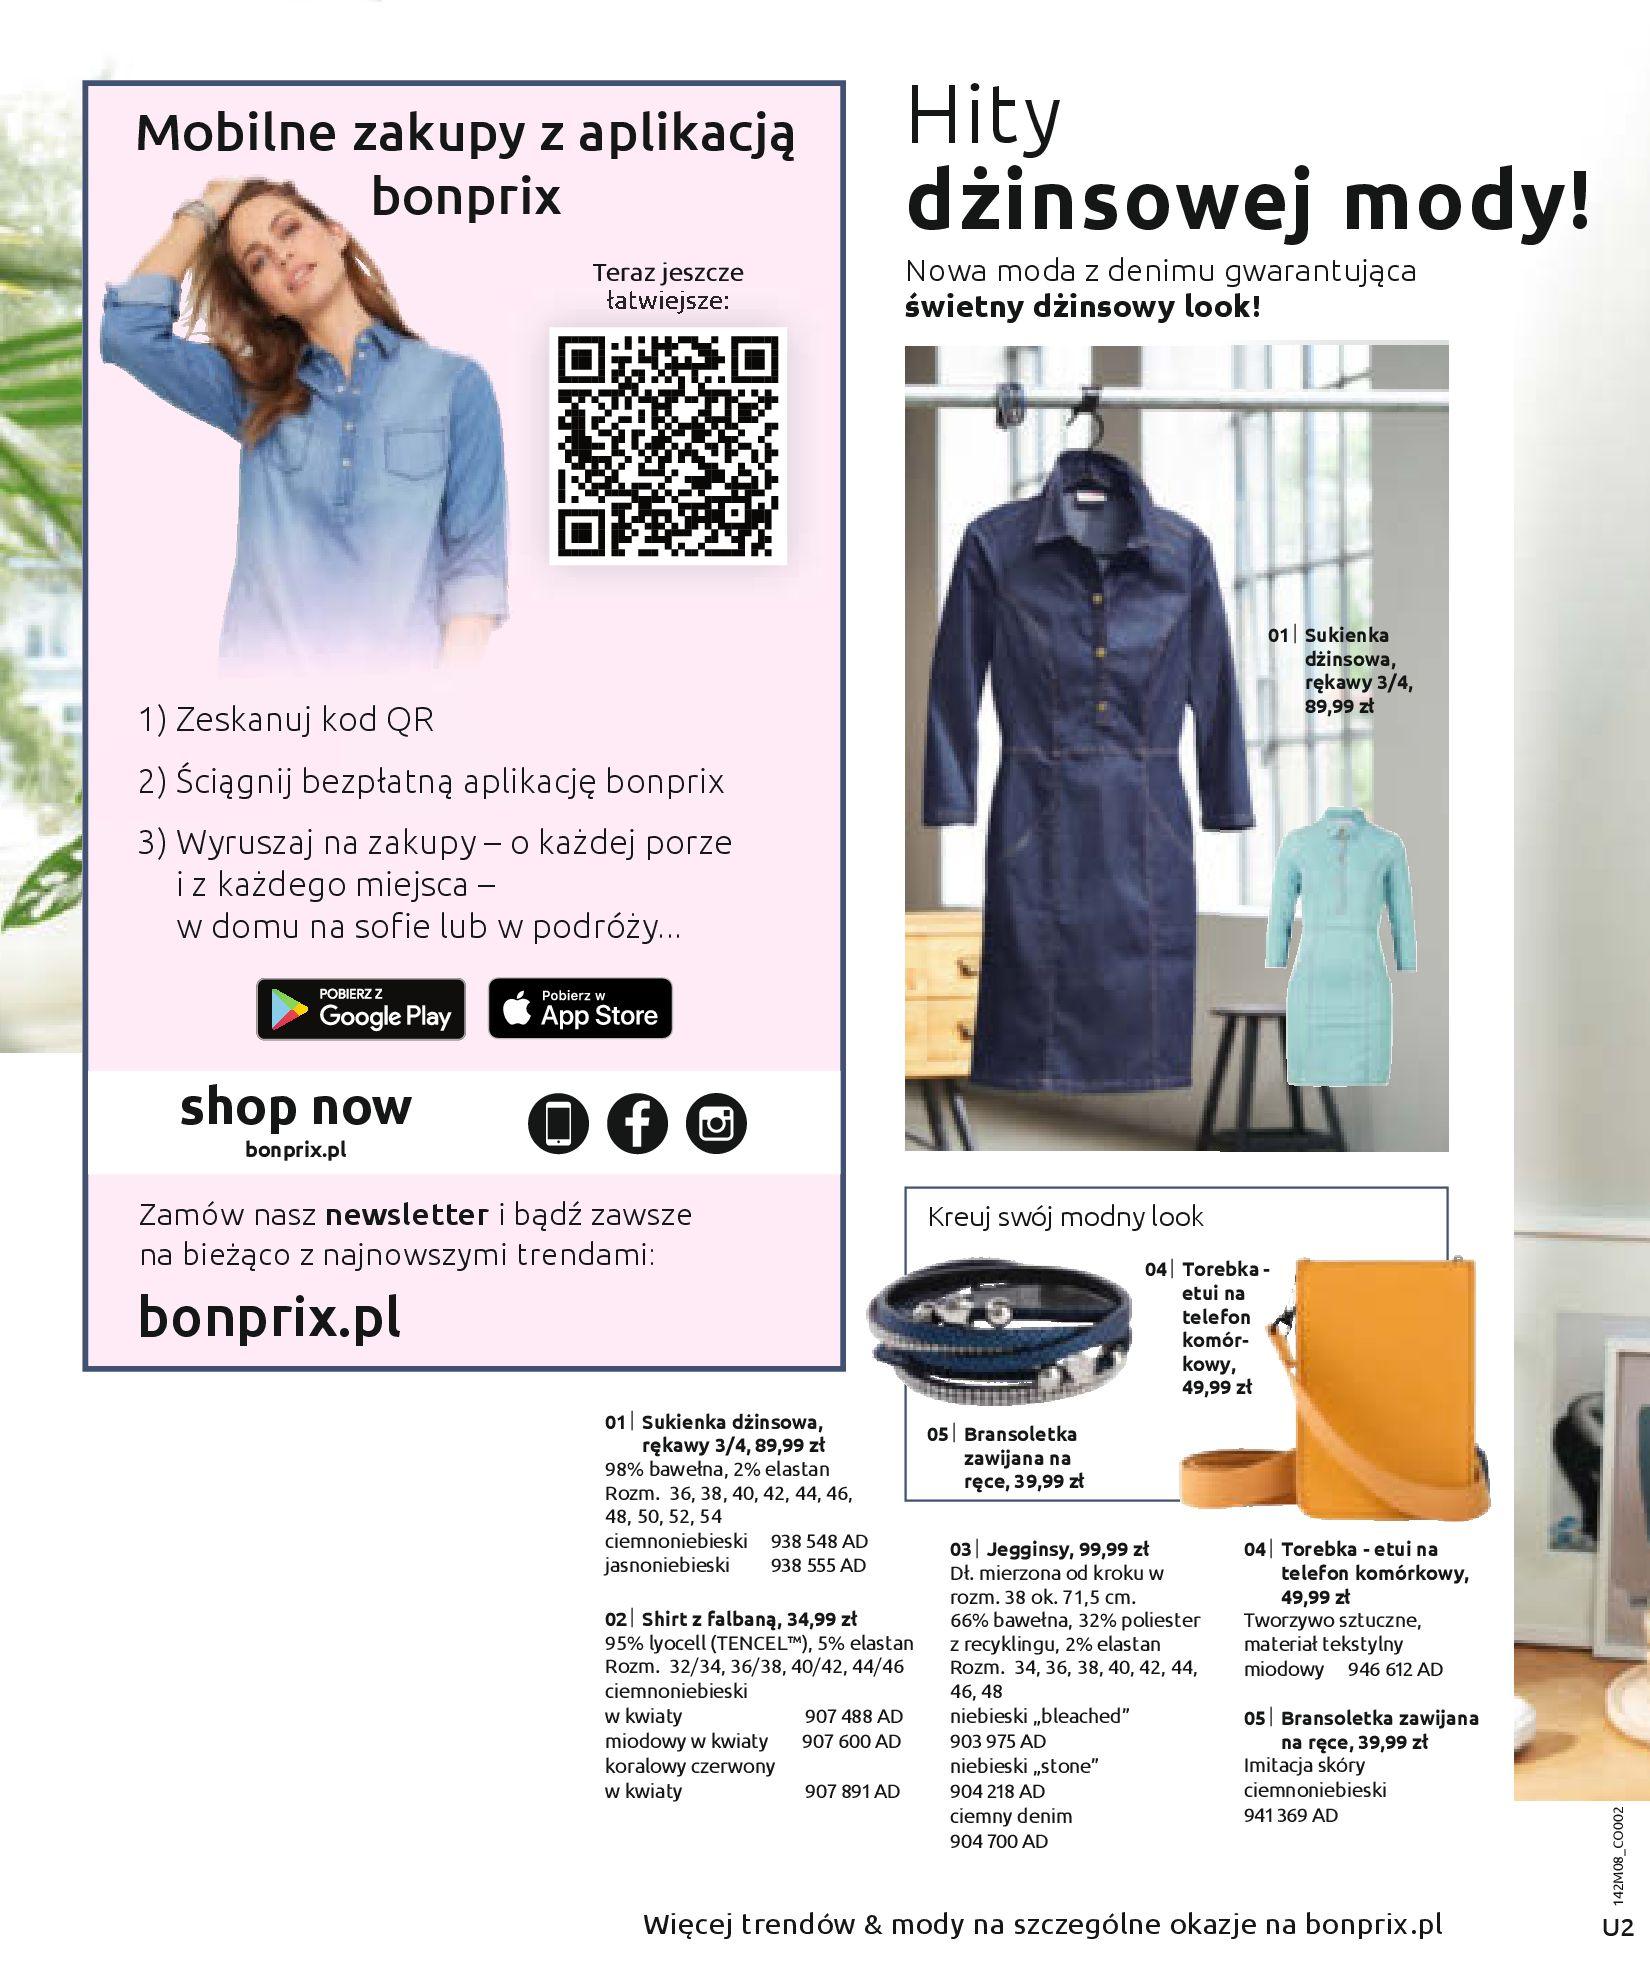 Gazetka Bonprix - Hity dżinsowej mody!-25.08.2020-10.02.2021-page-2